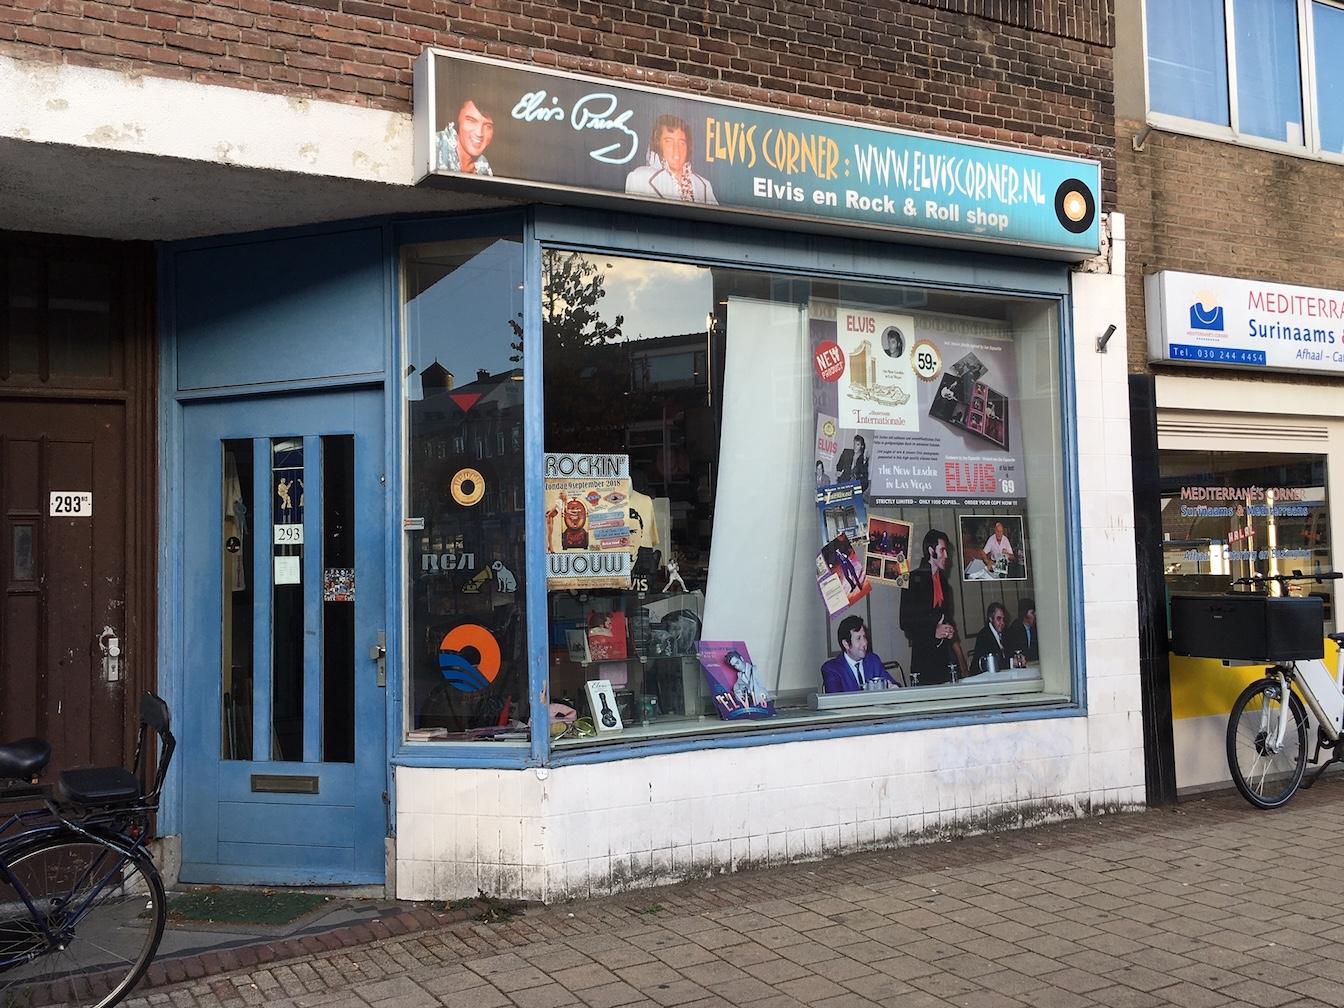 Elvis Corner Utrecht Record Shops